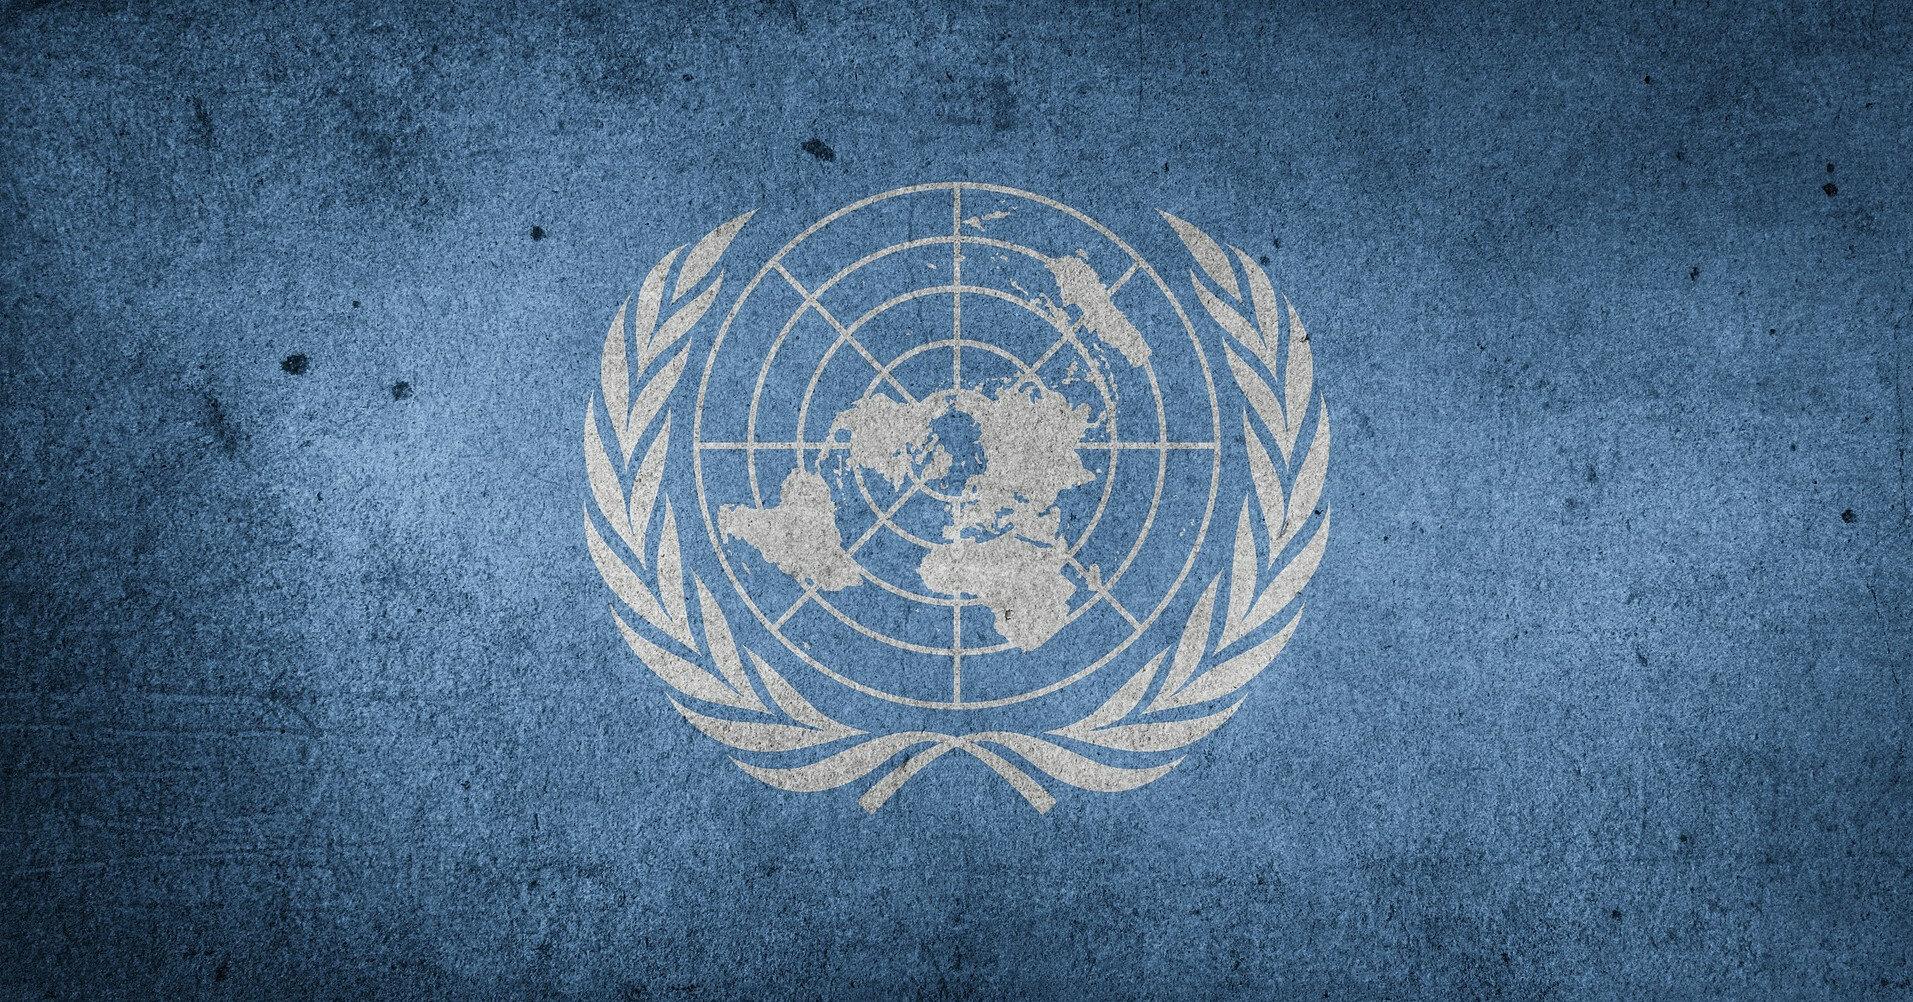 ООН може призупинити всі миротворчі операції